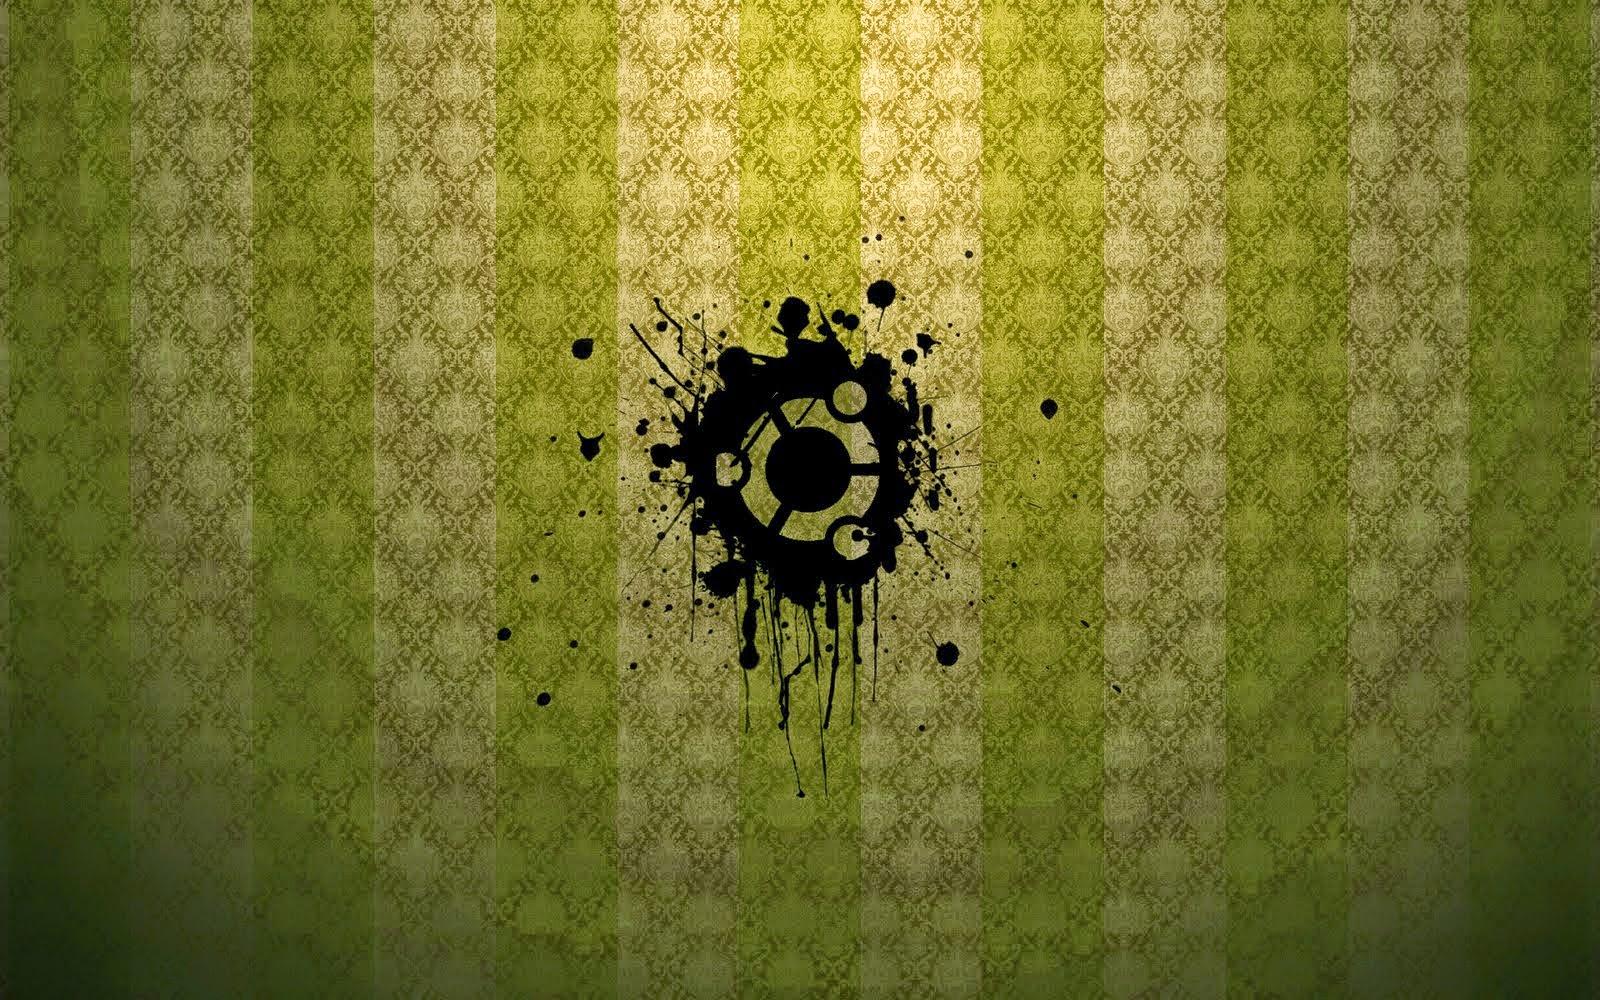 http://2.bp.blogspot.com/-gJ4QiXiFaZc/T_78dMjn_2I/AAAAAAAAUOU/rOZcZgMEC6k/s1600/Ubuntu_Splatter_hd_wallpaper.jpg